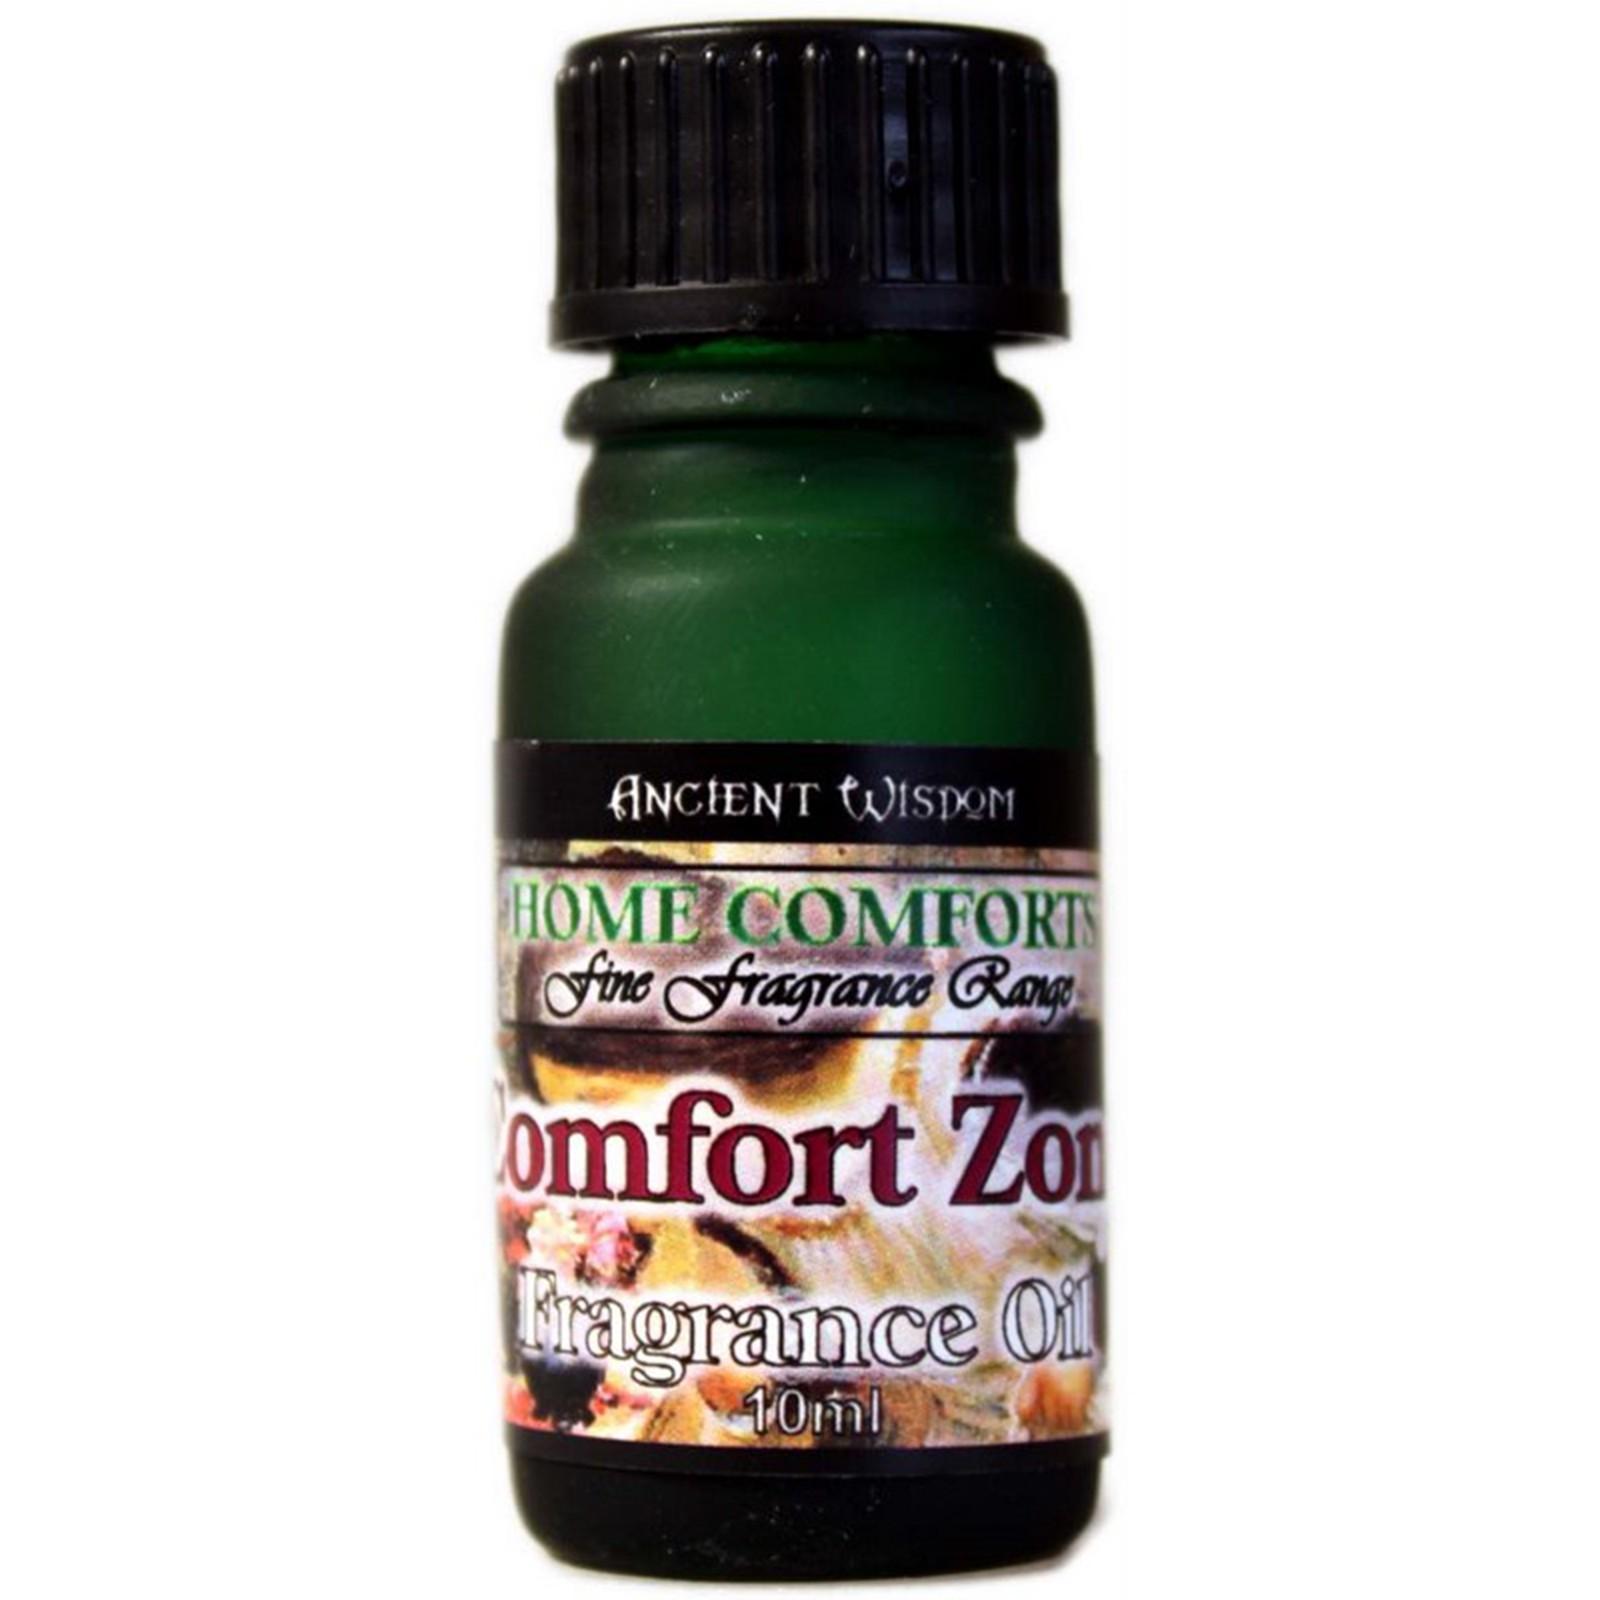 10ml Living Room Comfort Zone Fragrance Oil